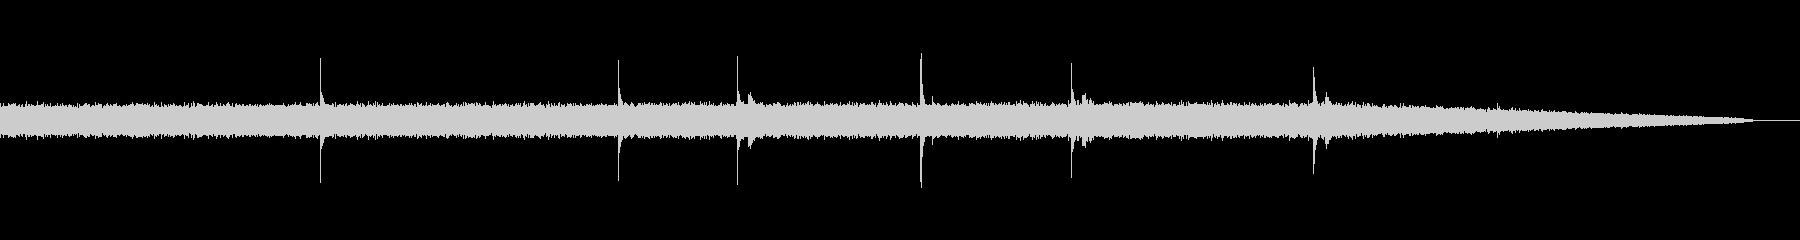 雨音&雨漏り01(ザーー ぽたぽた)の未再生の波形